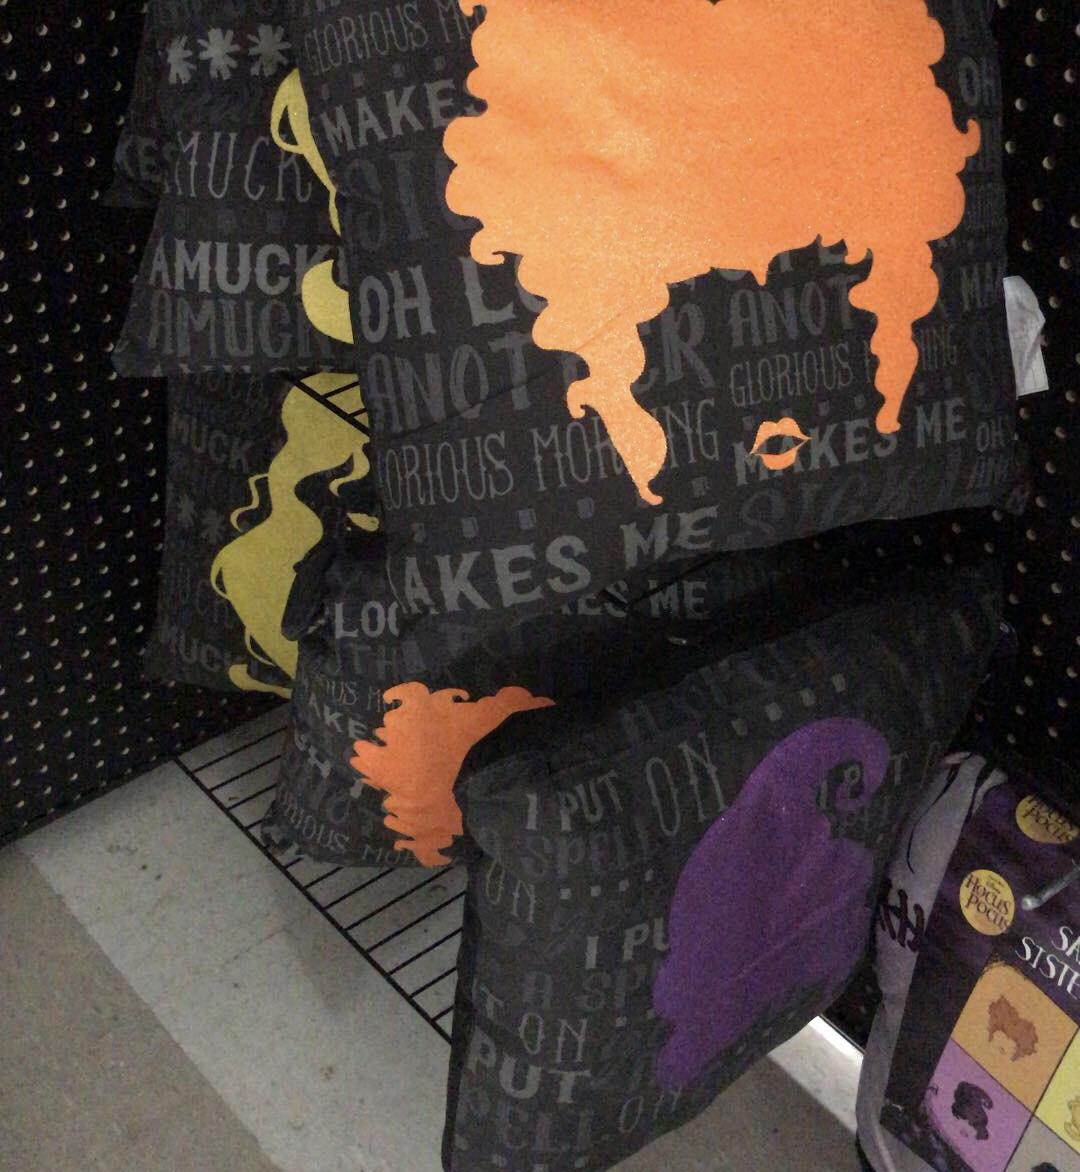 Run Amuck With Hocus Pocus Merchandise at Spirit Halloween 10